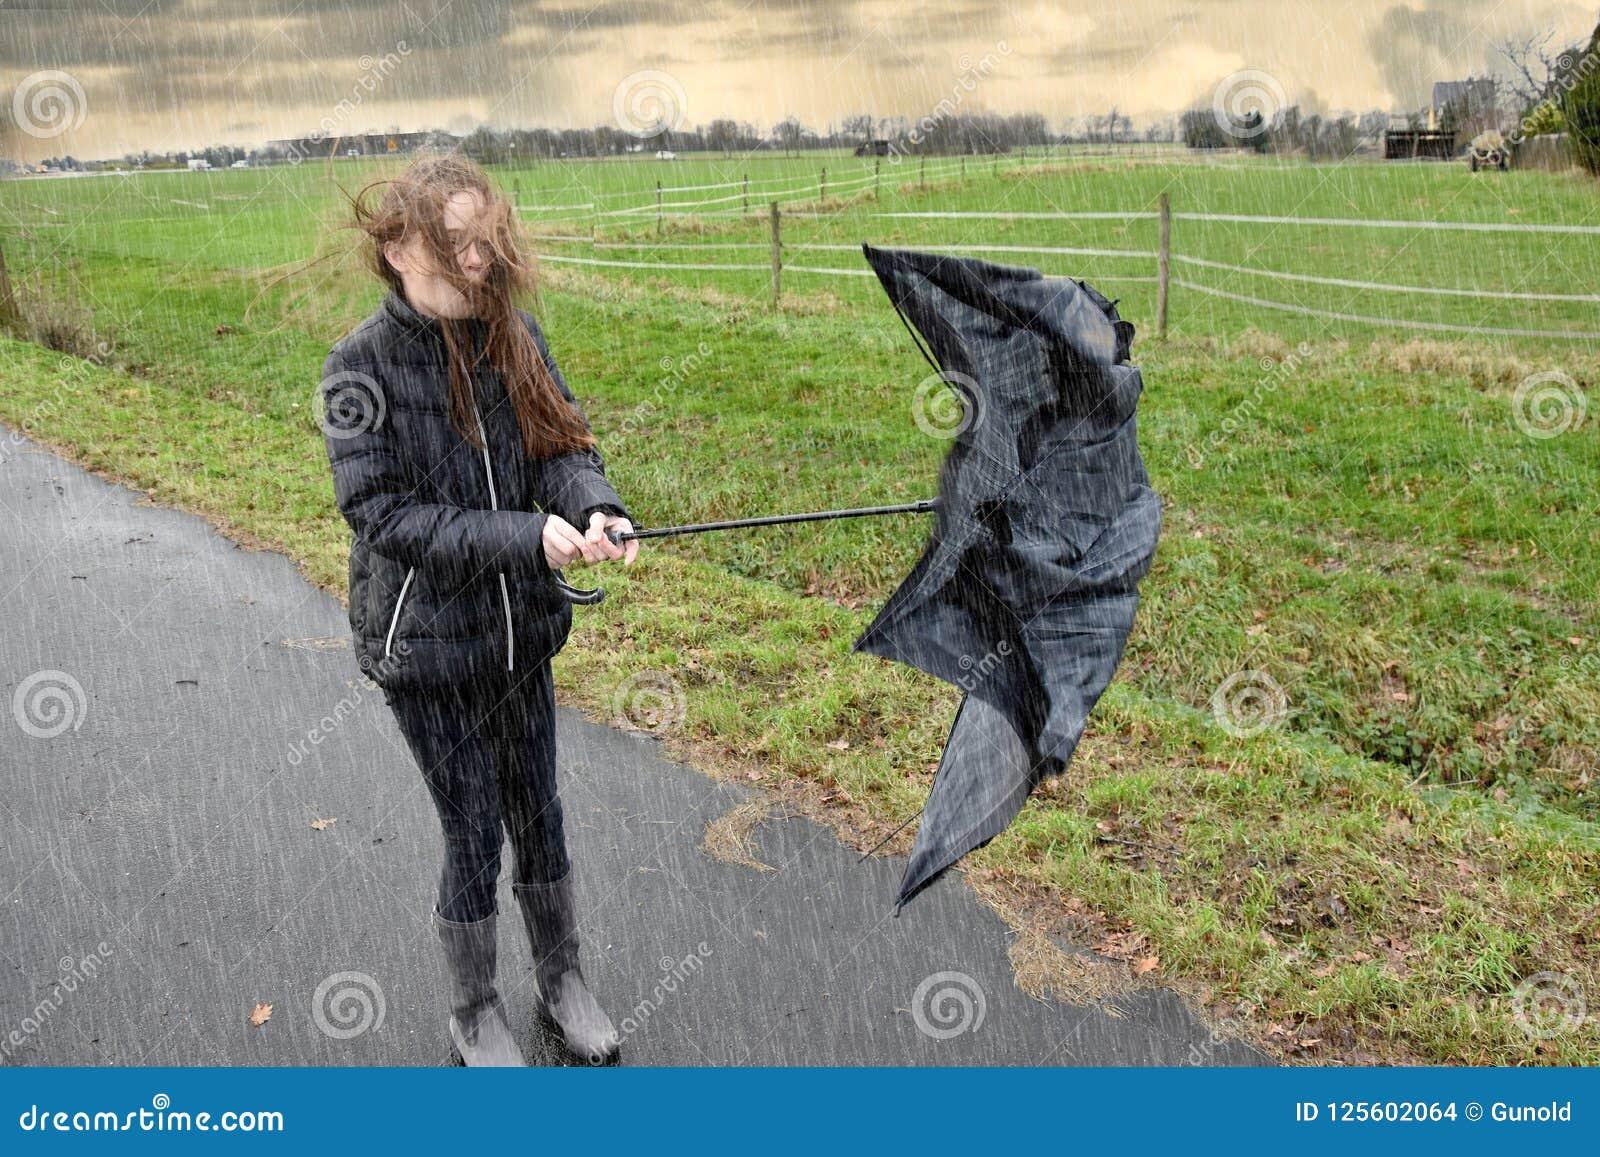 女孩通过雨走,并且风暴,她的伞是残破的